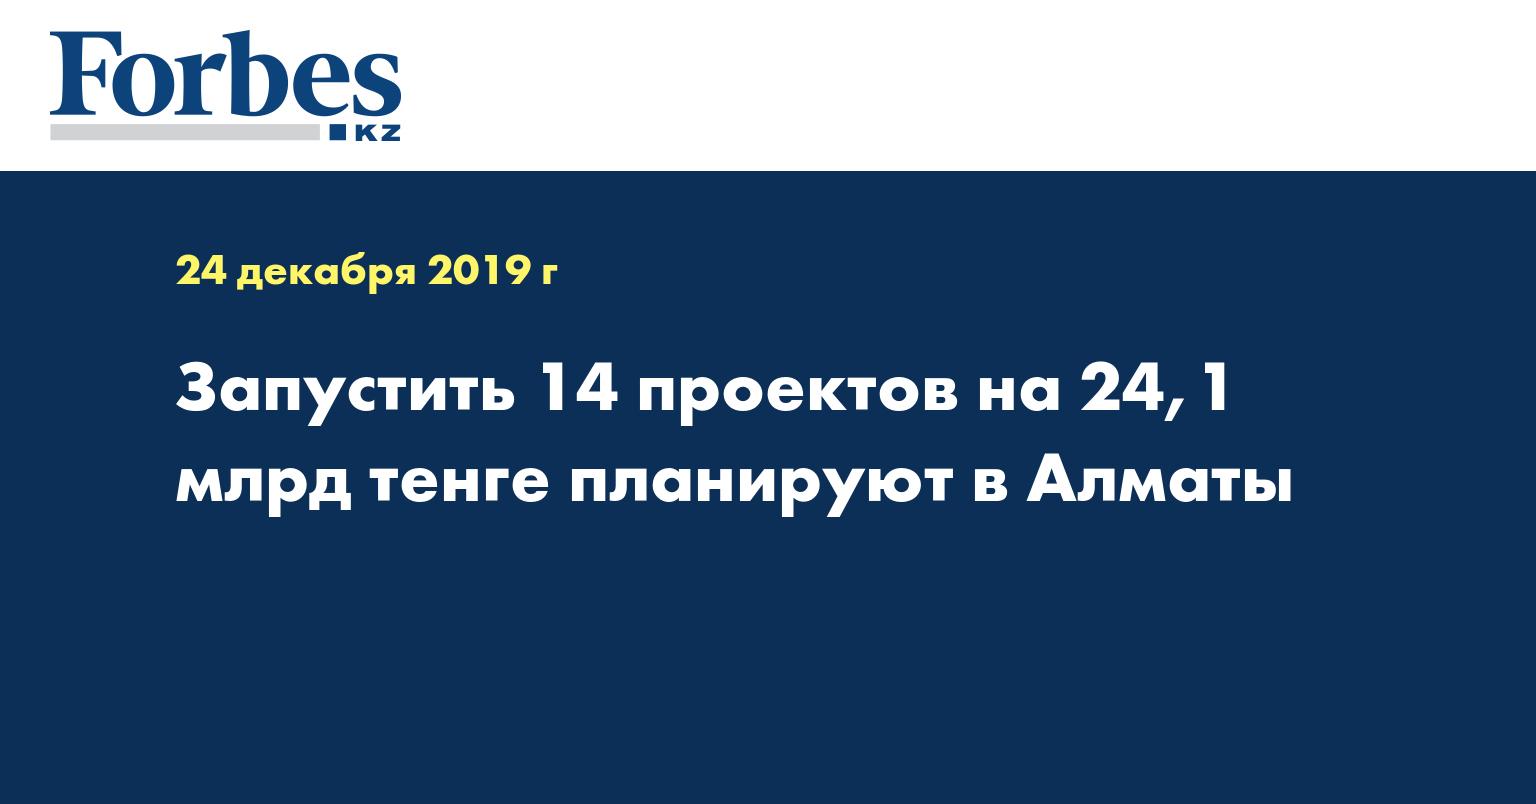 Запустить 14 проектов на 24,1 млрд тенге планируют в Алматы